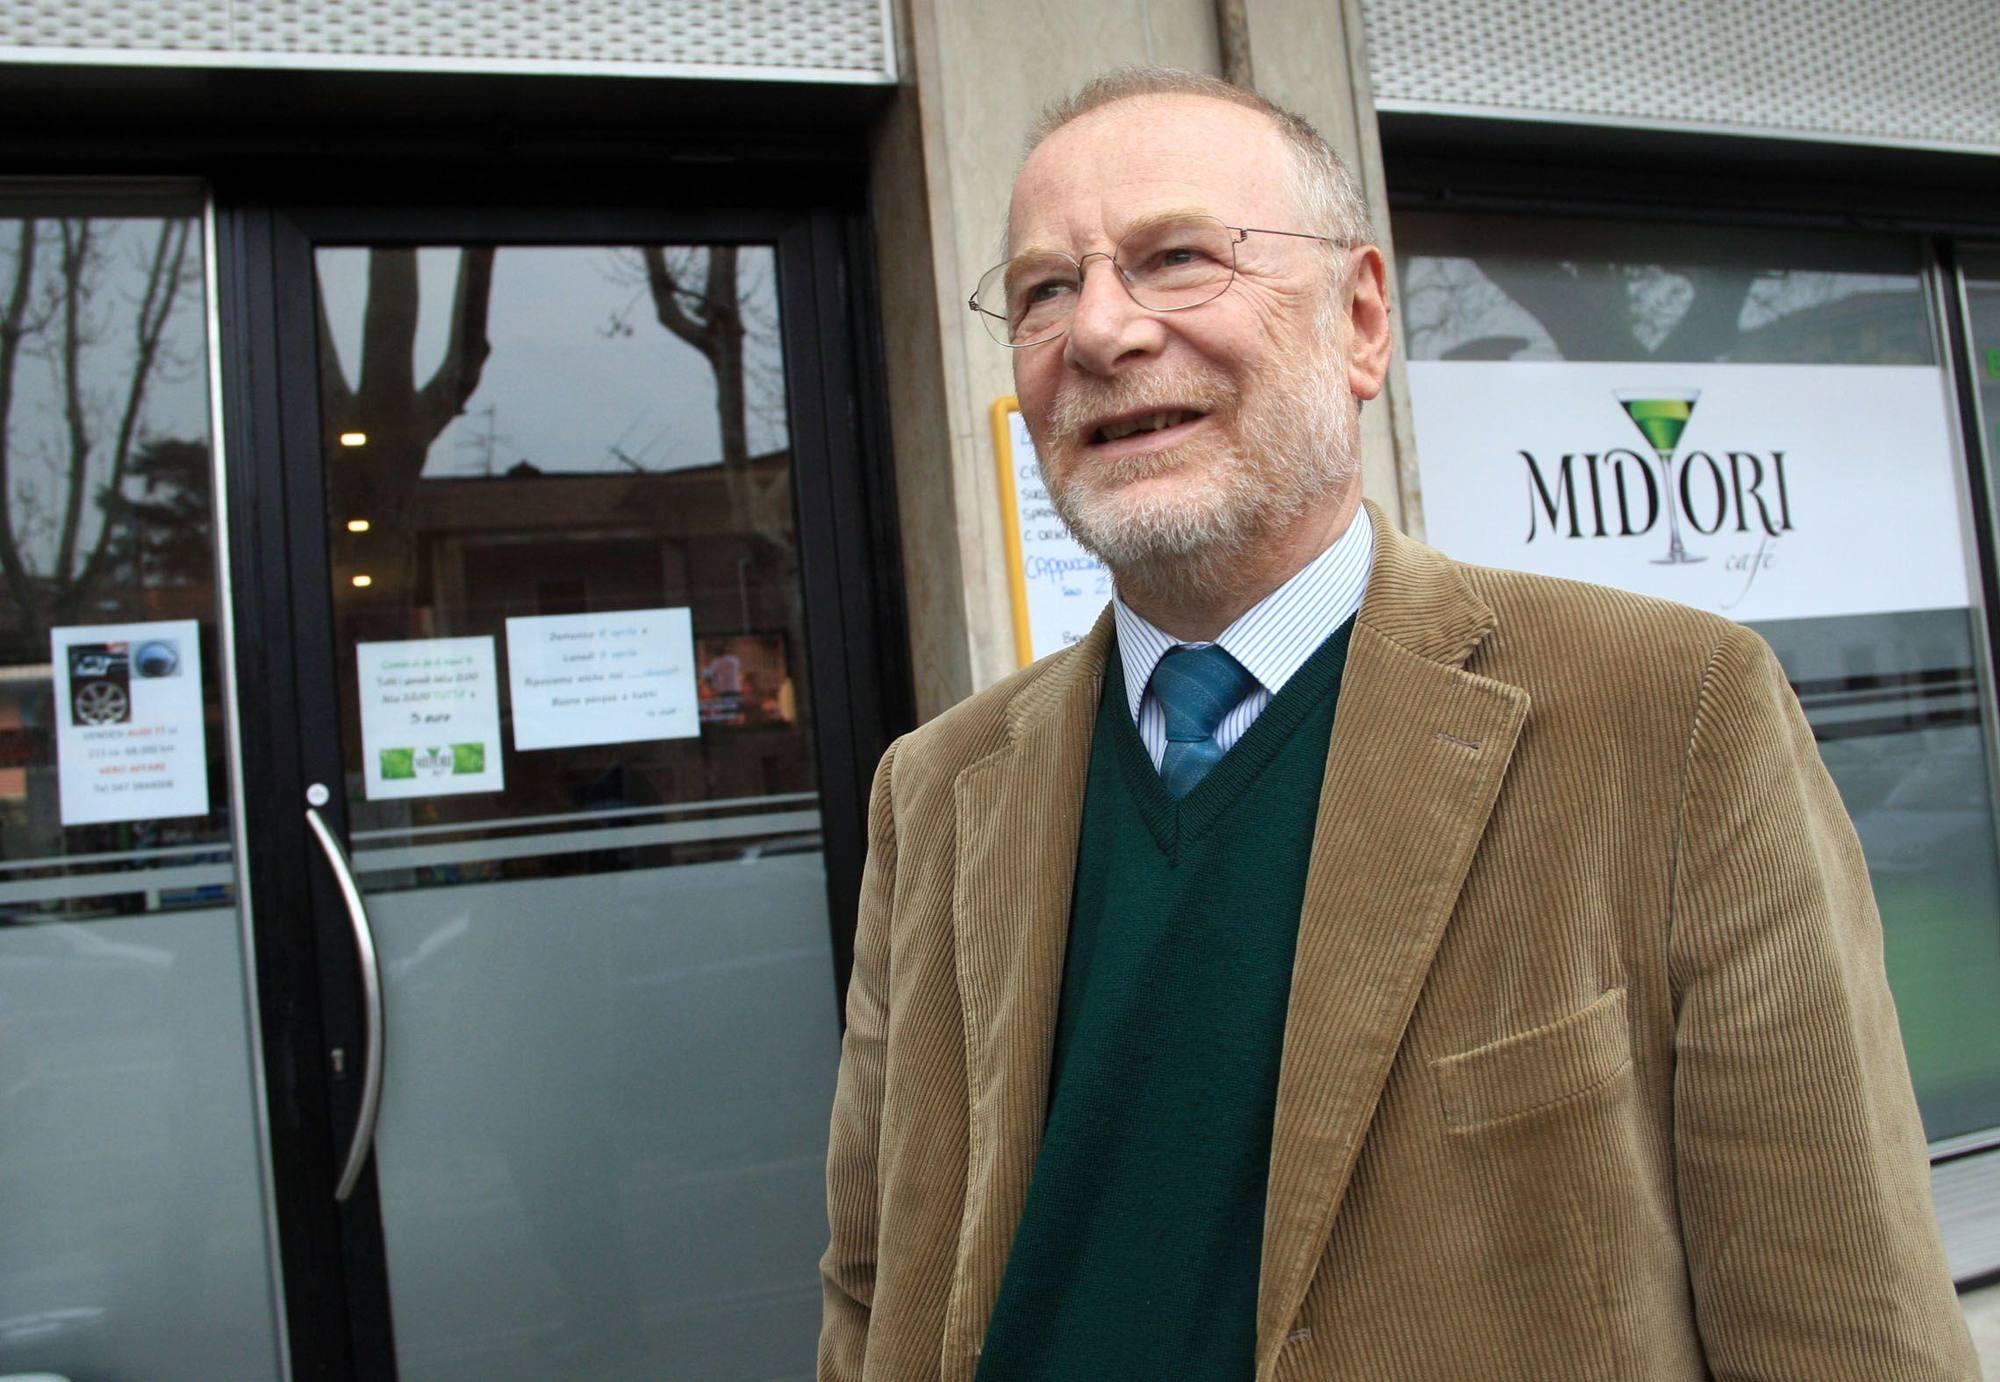 L'ex parlamentare leghista Sergio Rossi (Fotogramma)